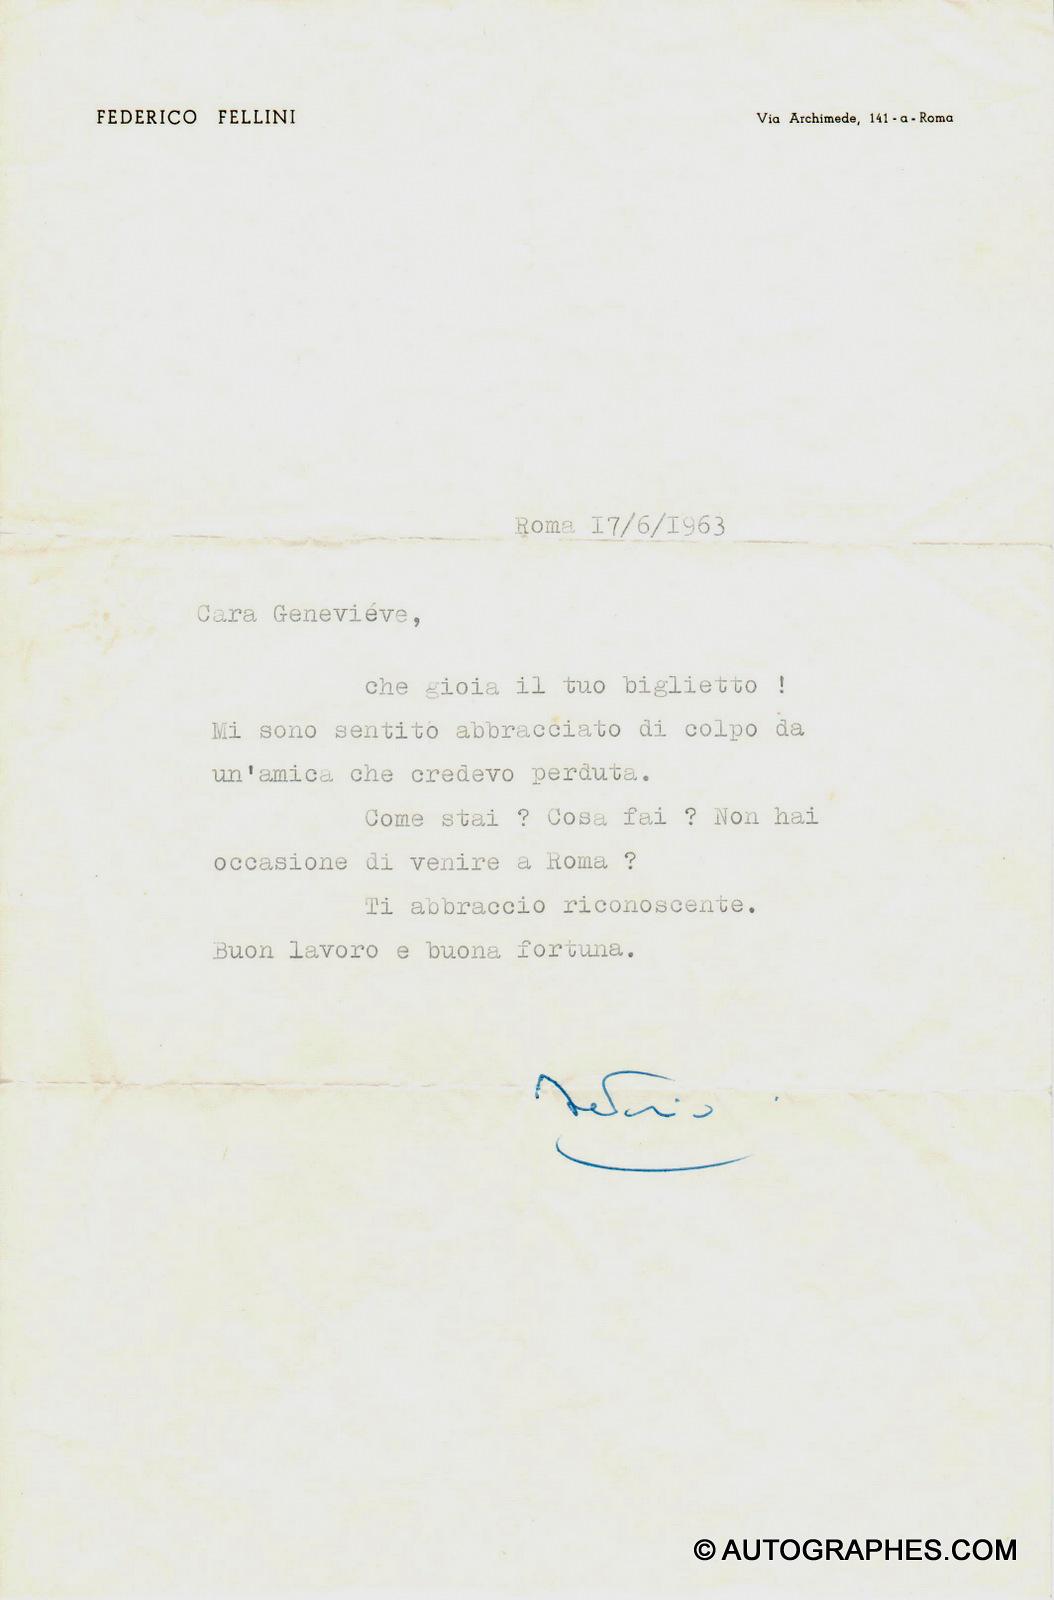 Federico FELLINI - Lettre dactylographiée signée (17 juin 1963)